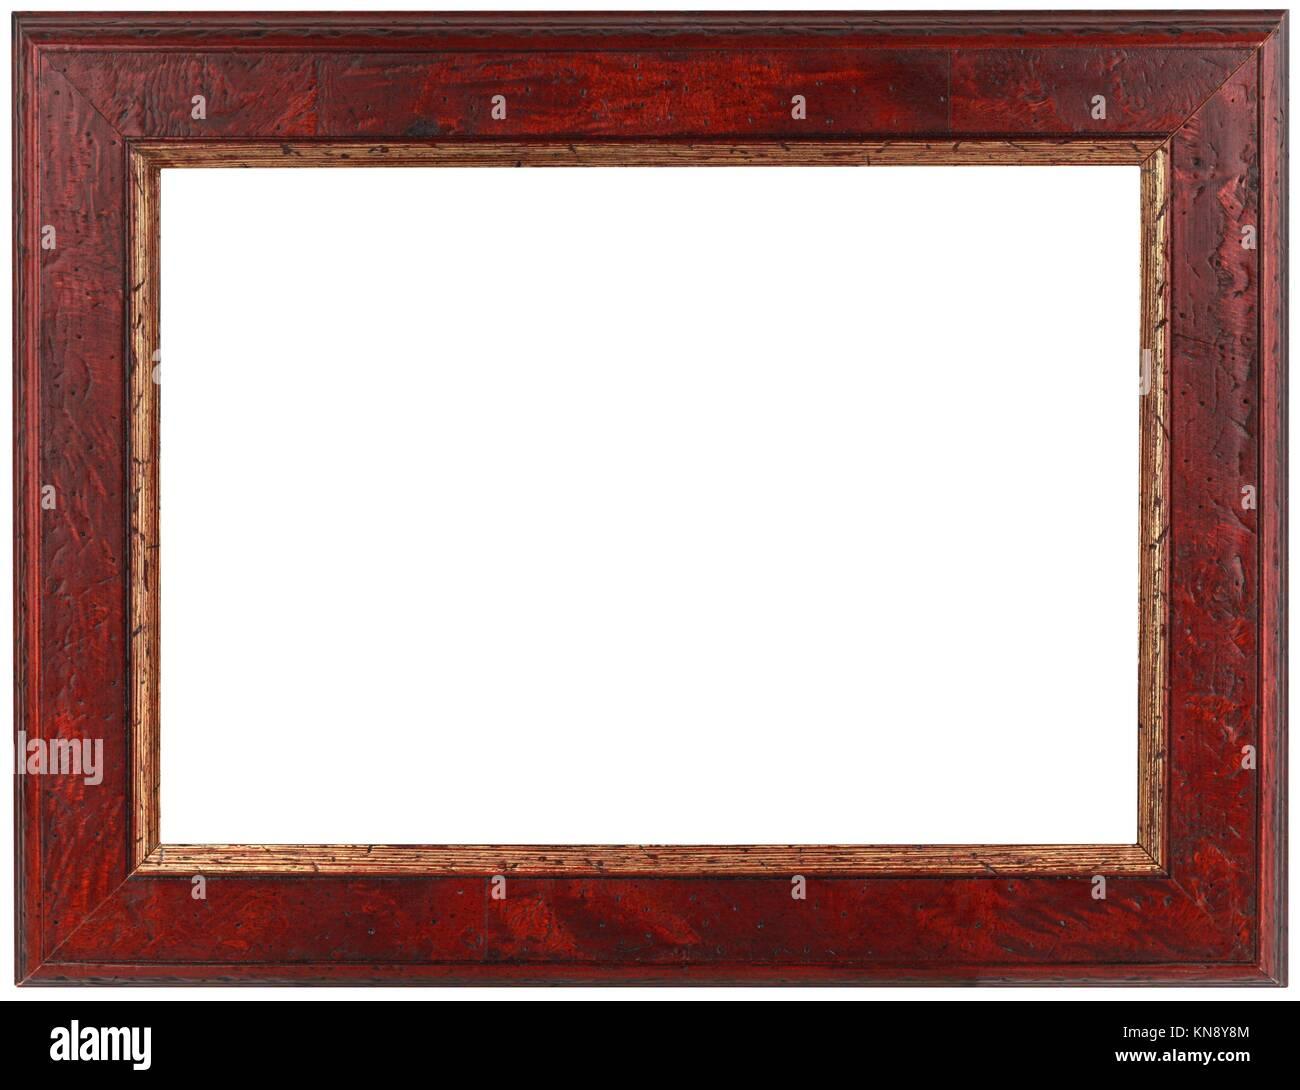 Erfreut Bilderrahmen Auf Verkauf Bilder - Benutzerdefinierte ...